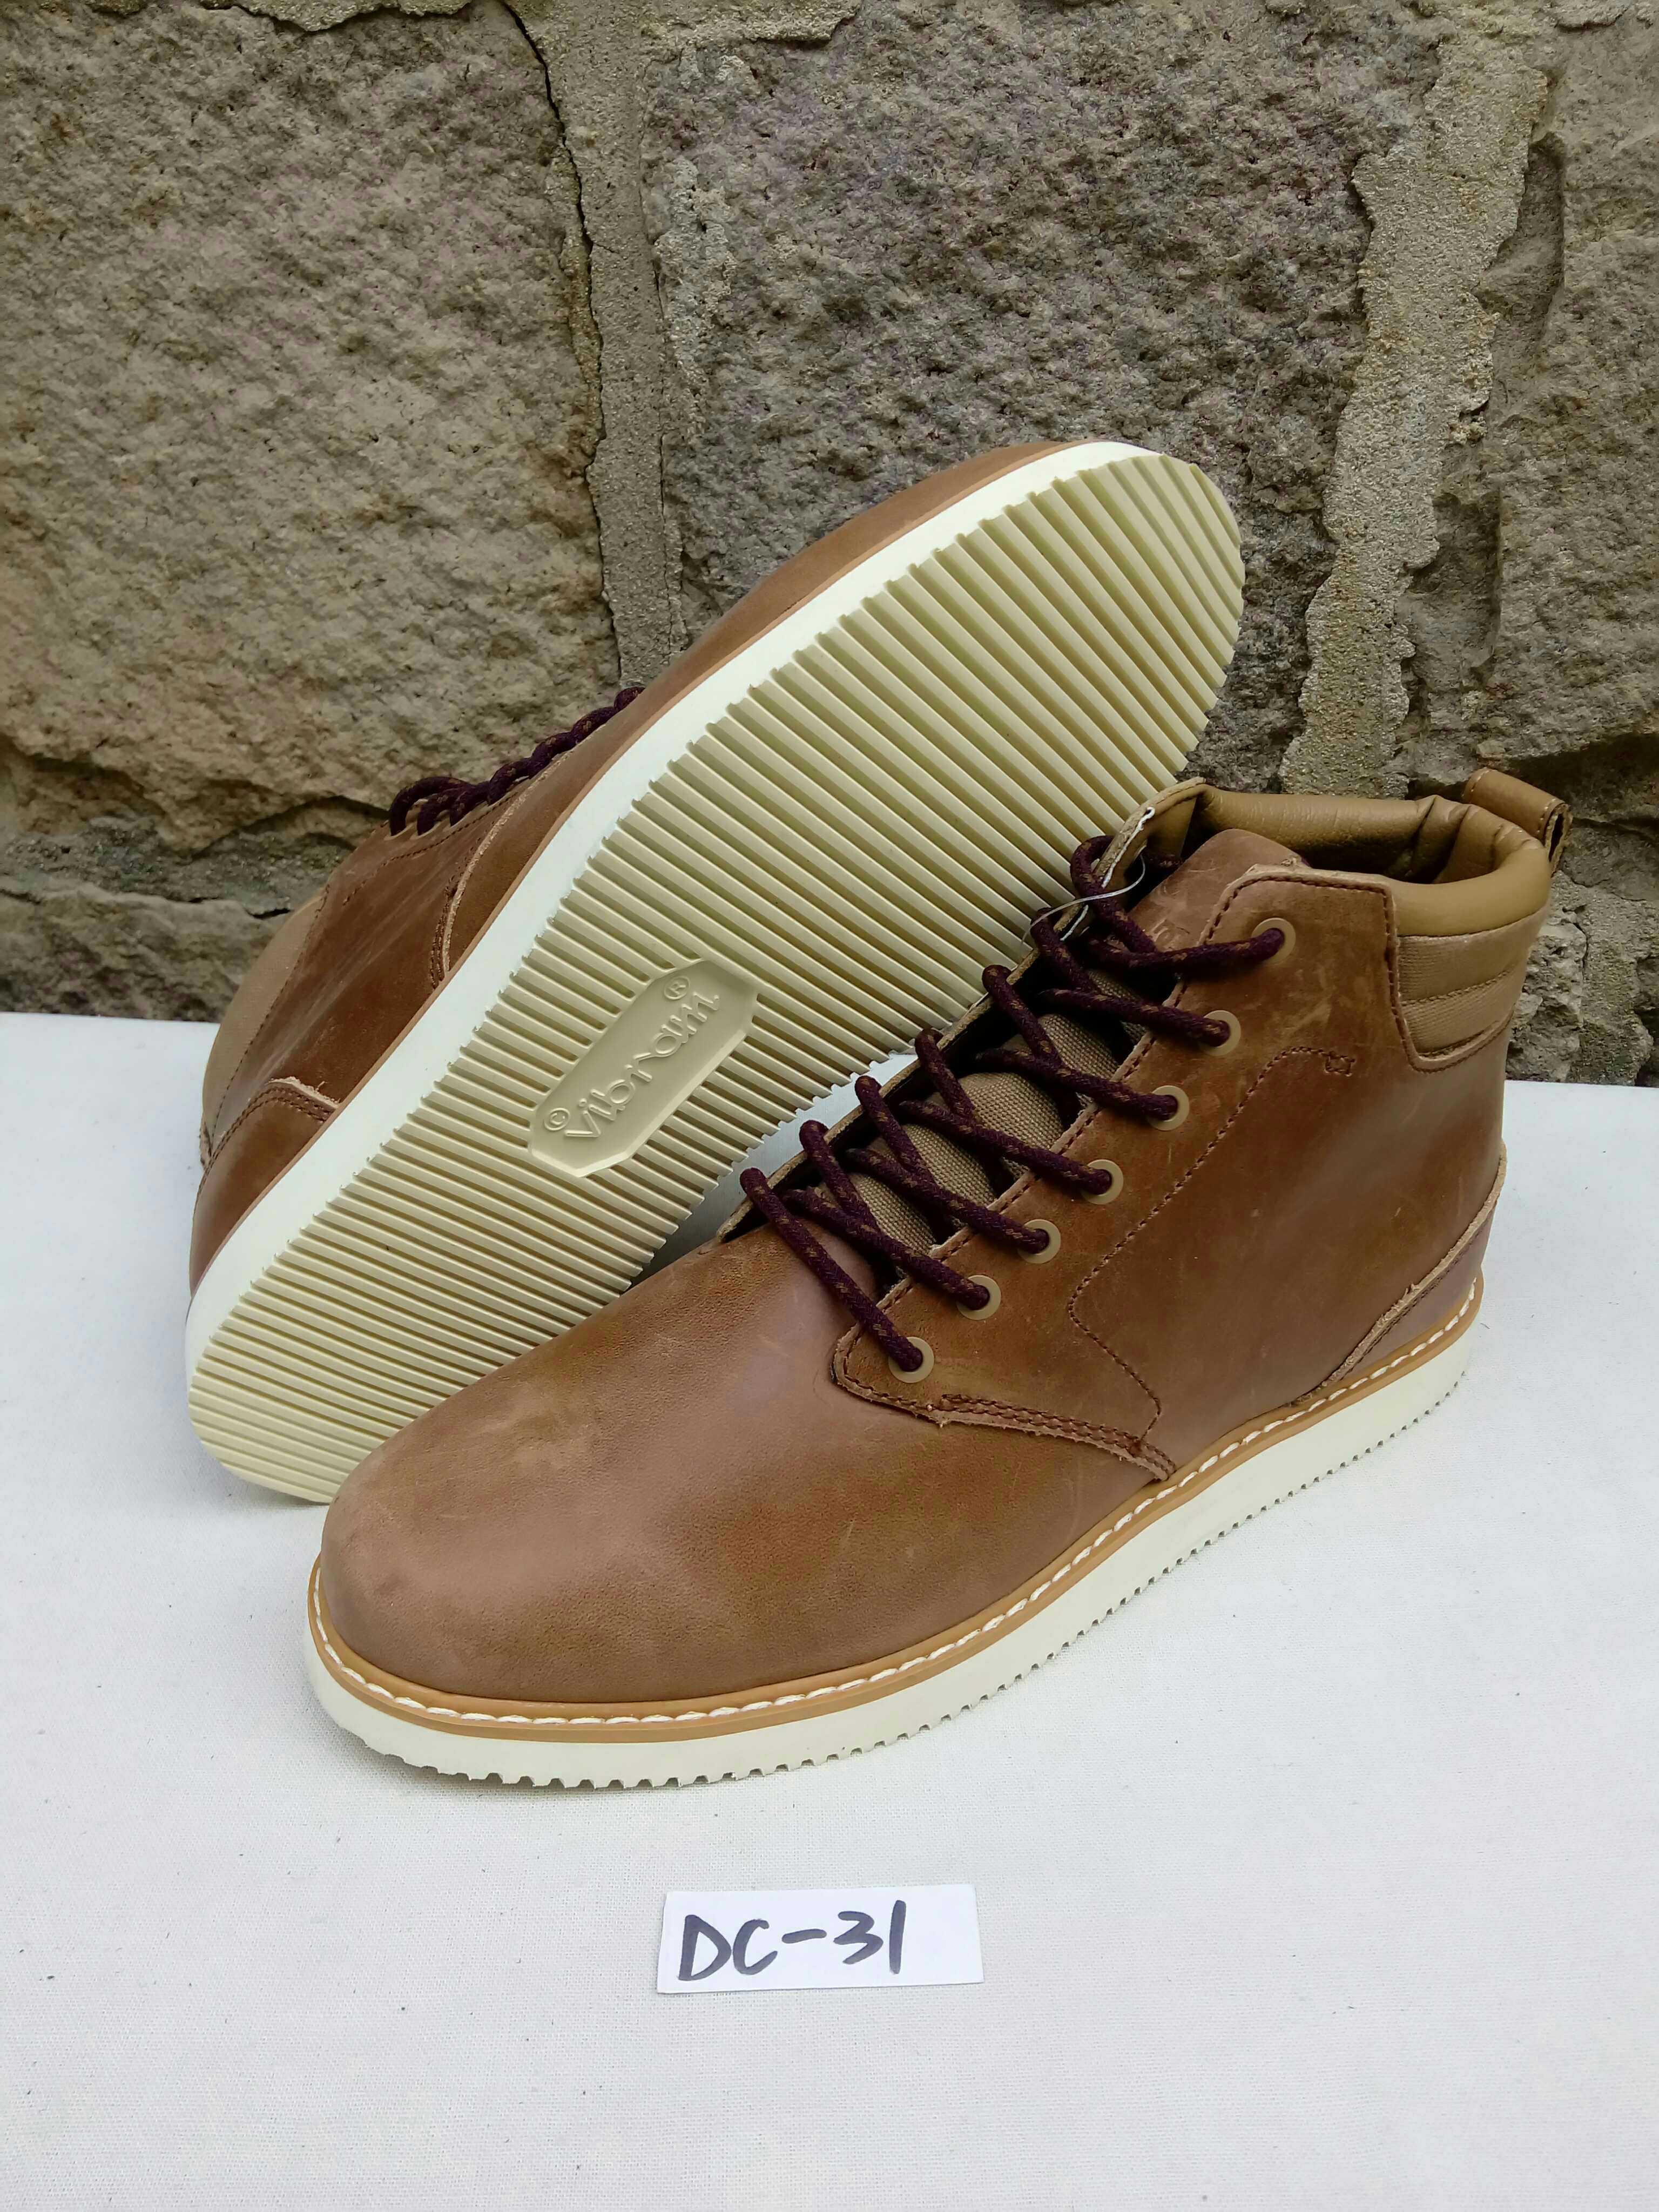 42码DC滑板鞋高帮牛皮另ADIO LAkAI cIRcA DvS冬季男鞋耐磨休闲鞋